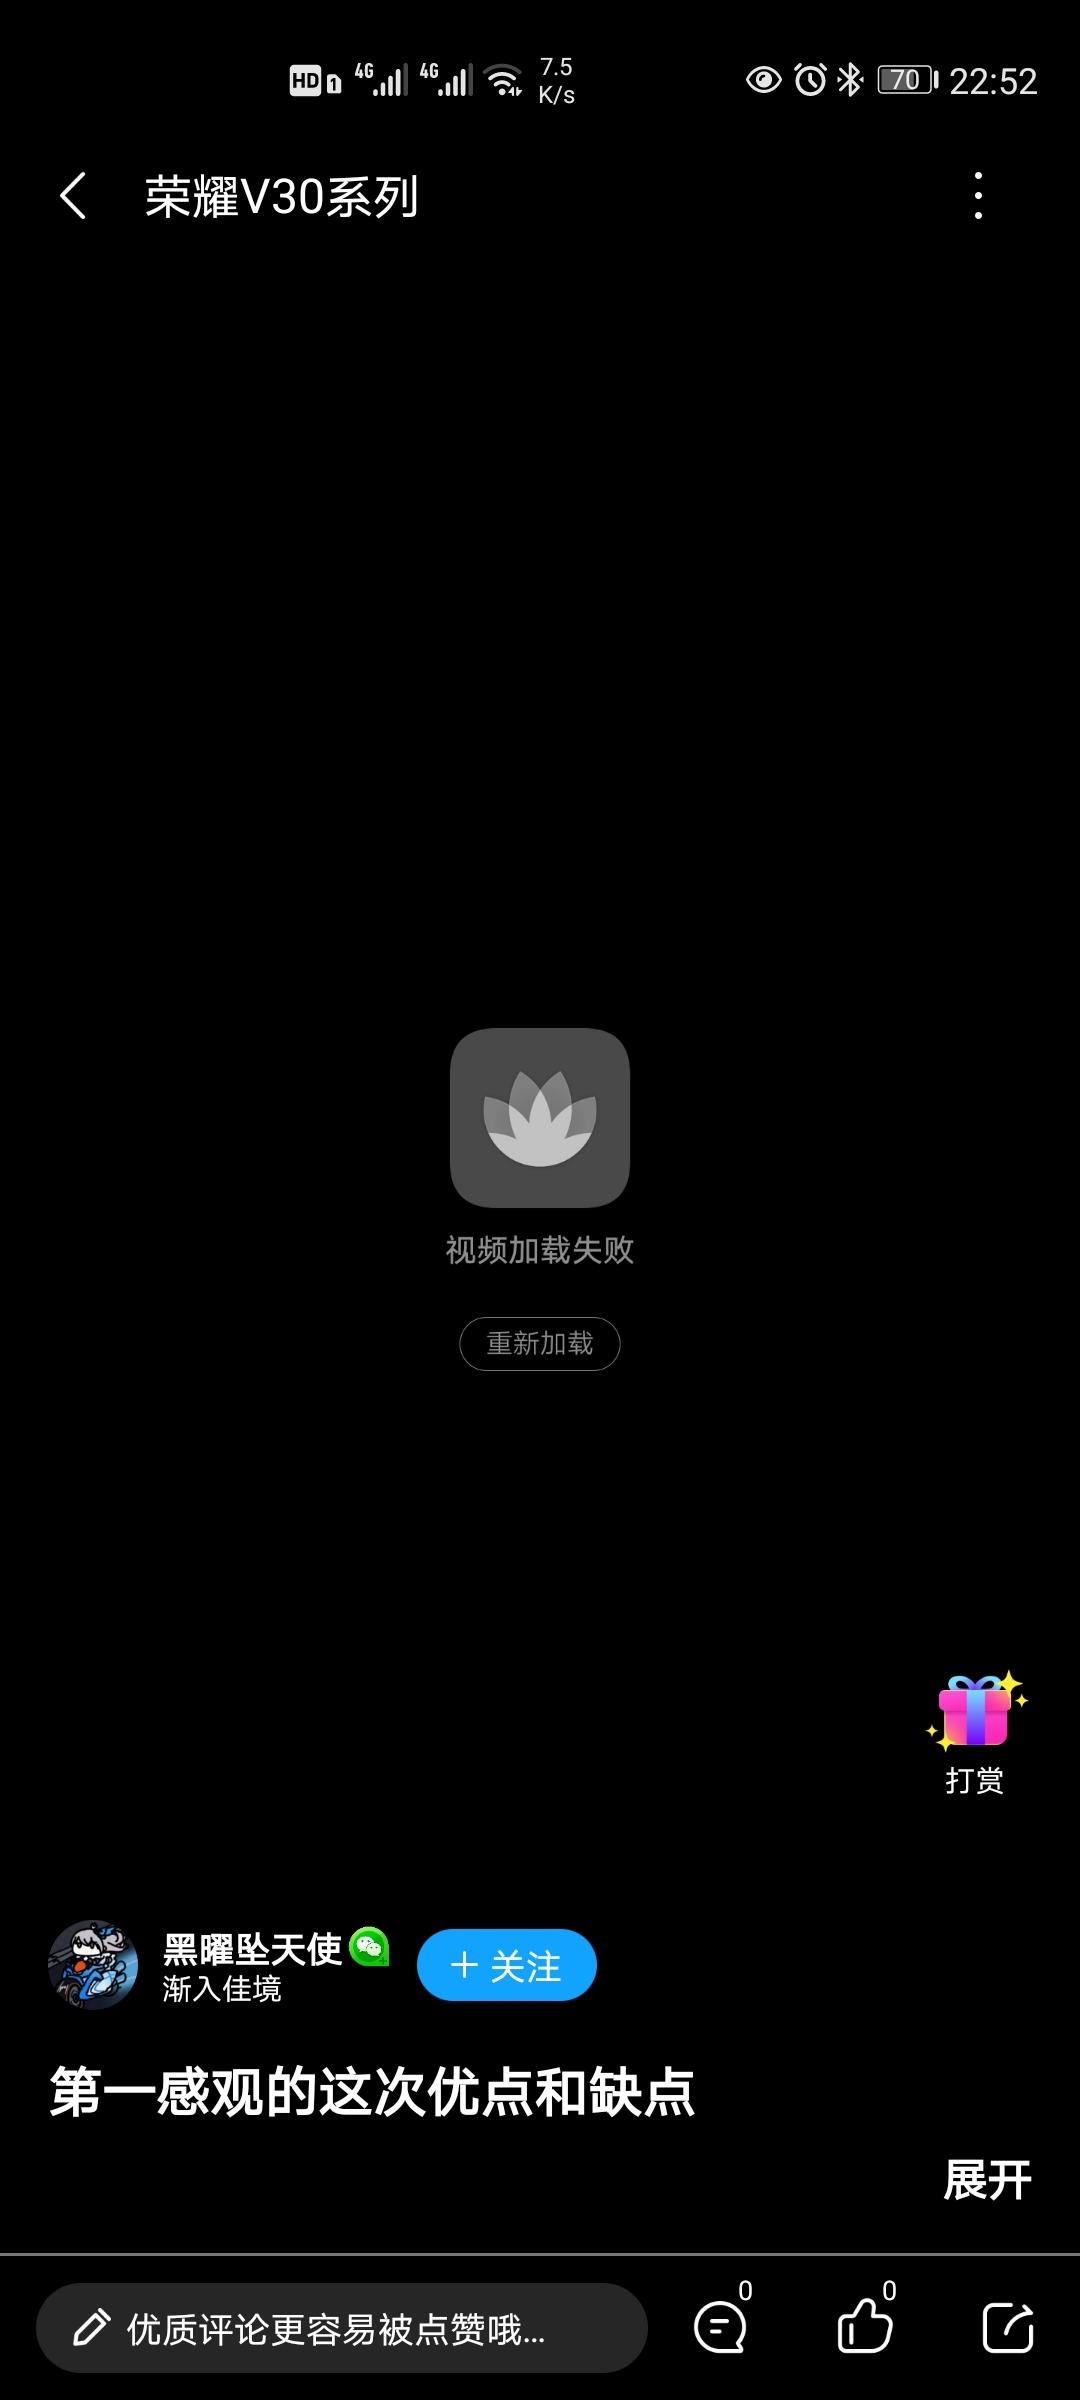 Screenshot_20200508_225200_com.huawei.fans.jpg